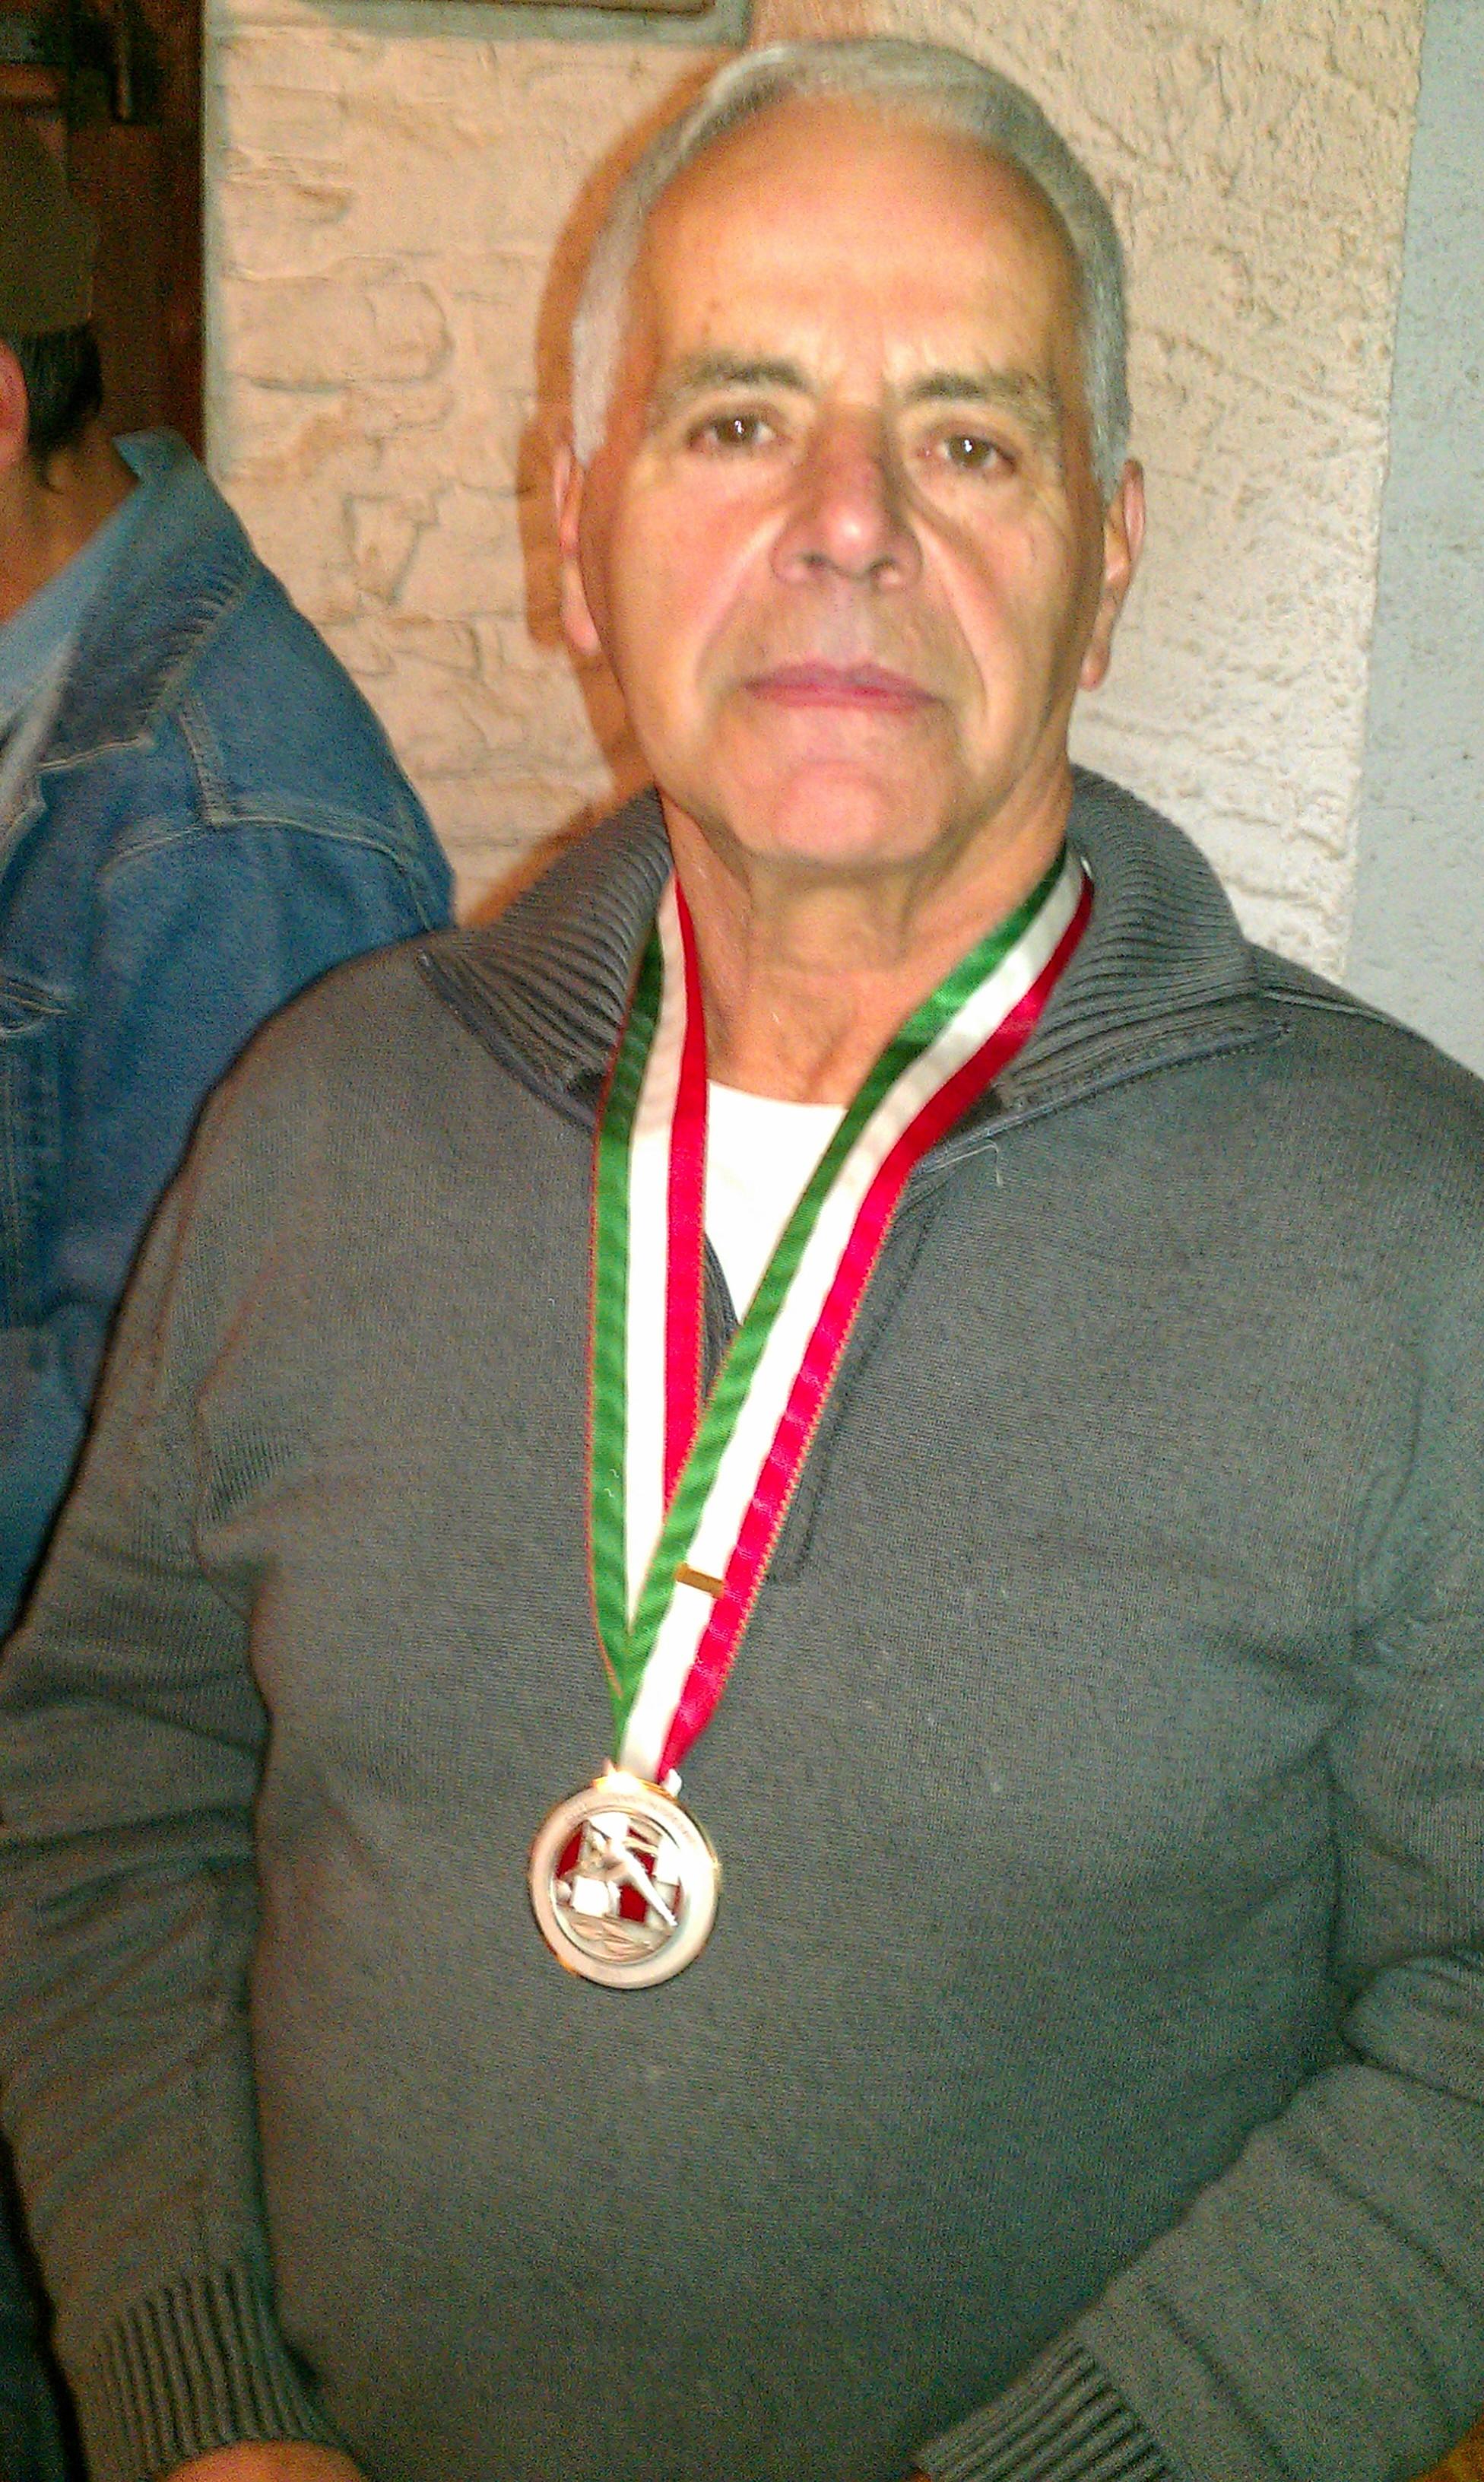 2ème Wäfler Jean-Louis 102 91 109 83 112  total 497